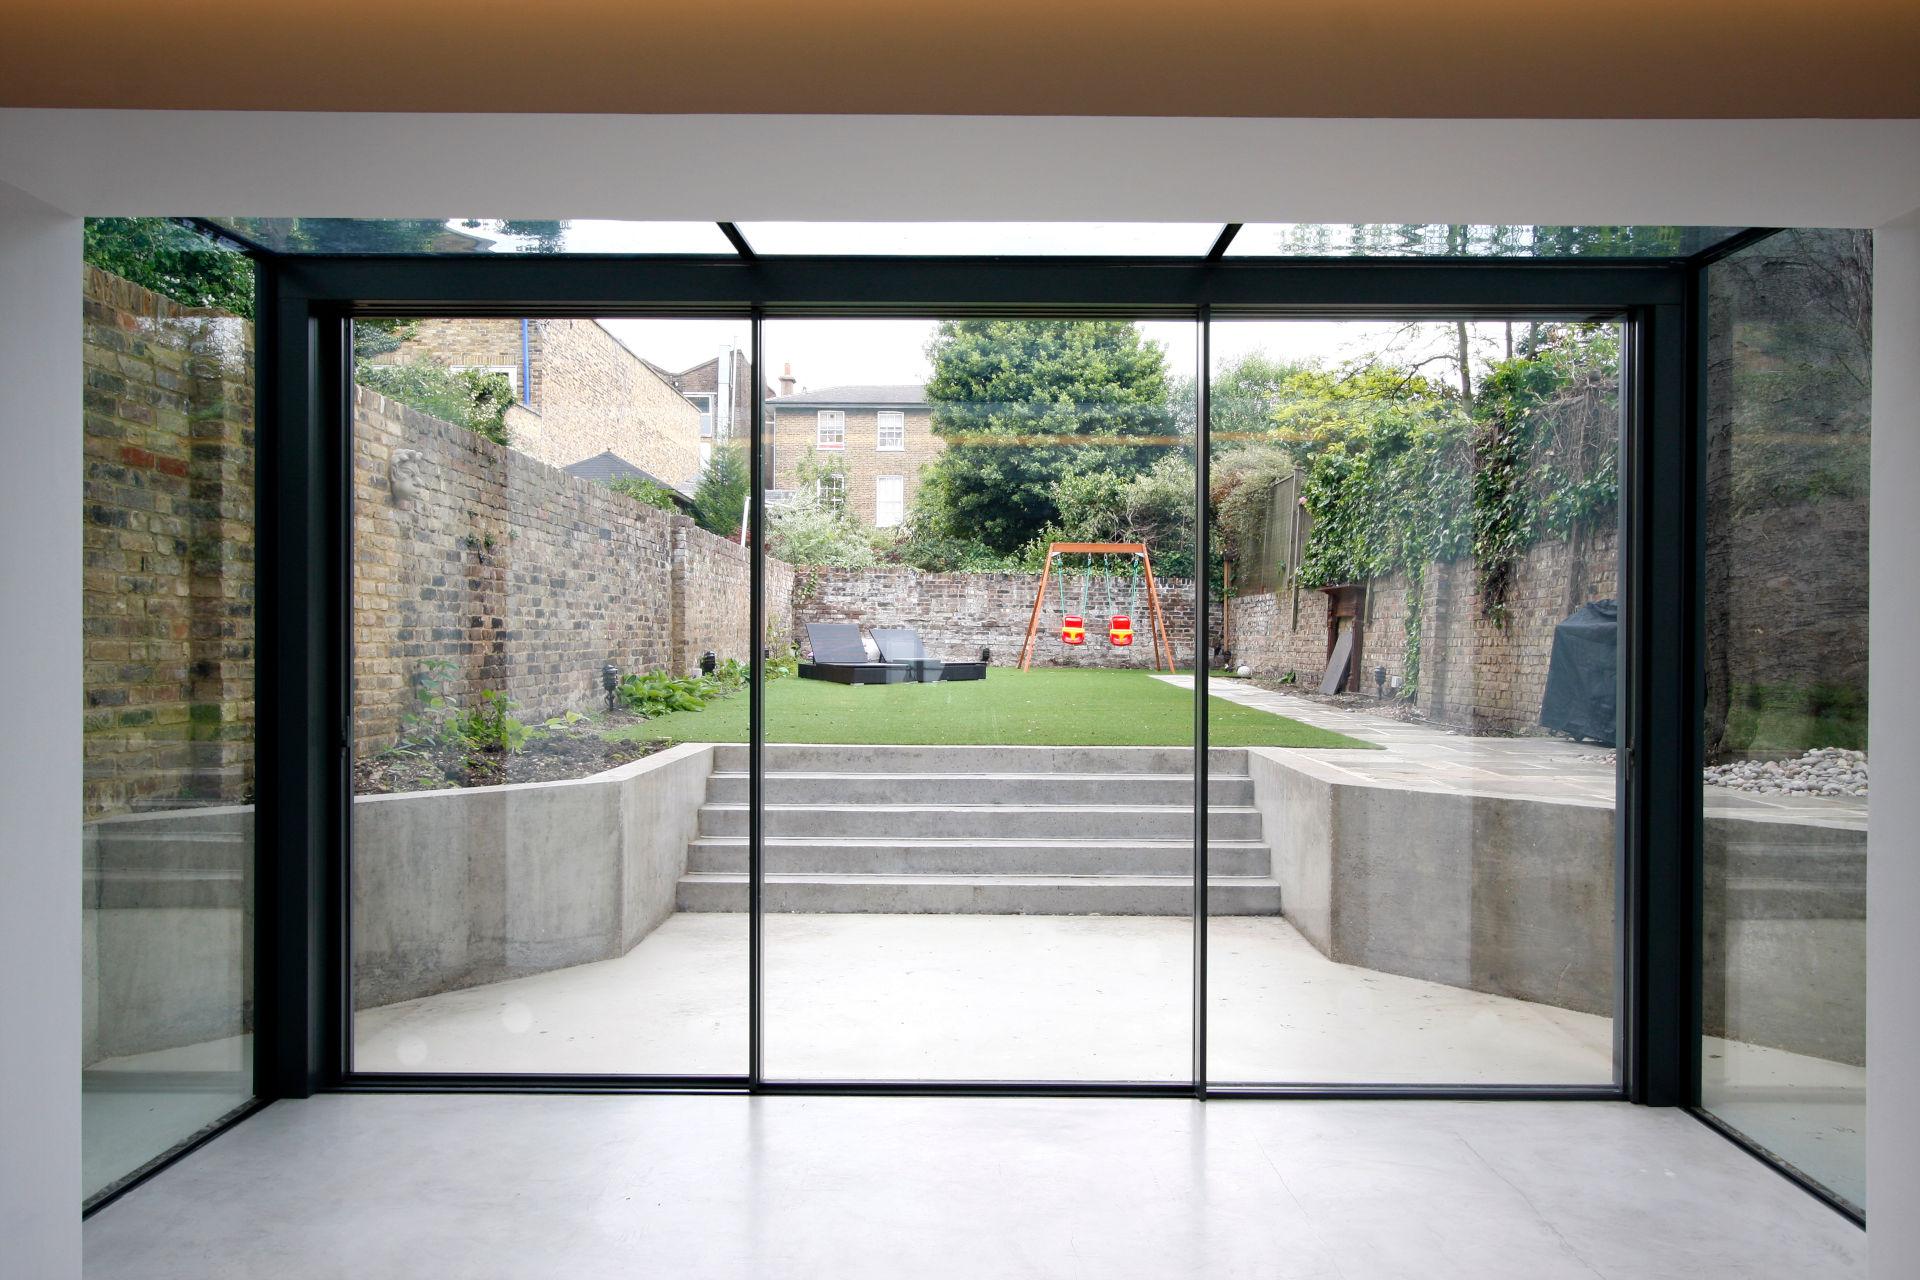 iq-glass-vitrendo-glass-extension-eton-villas (37)